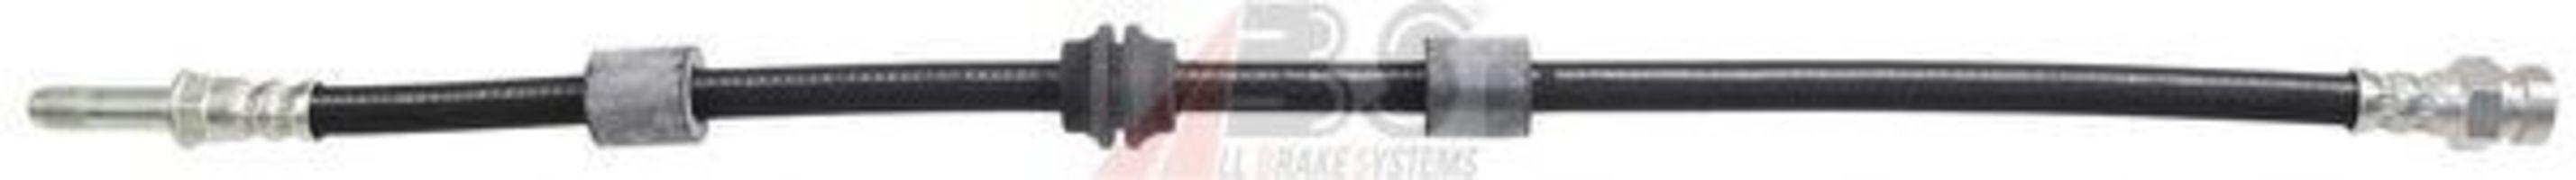 Шланг тормозной A.B.S. SL 4872